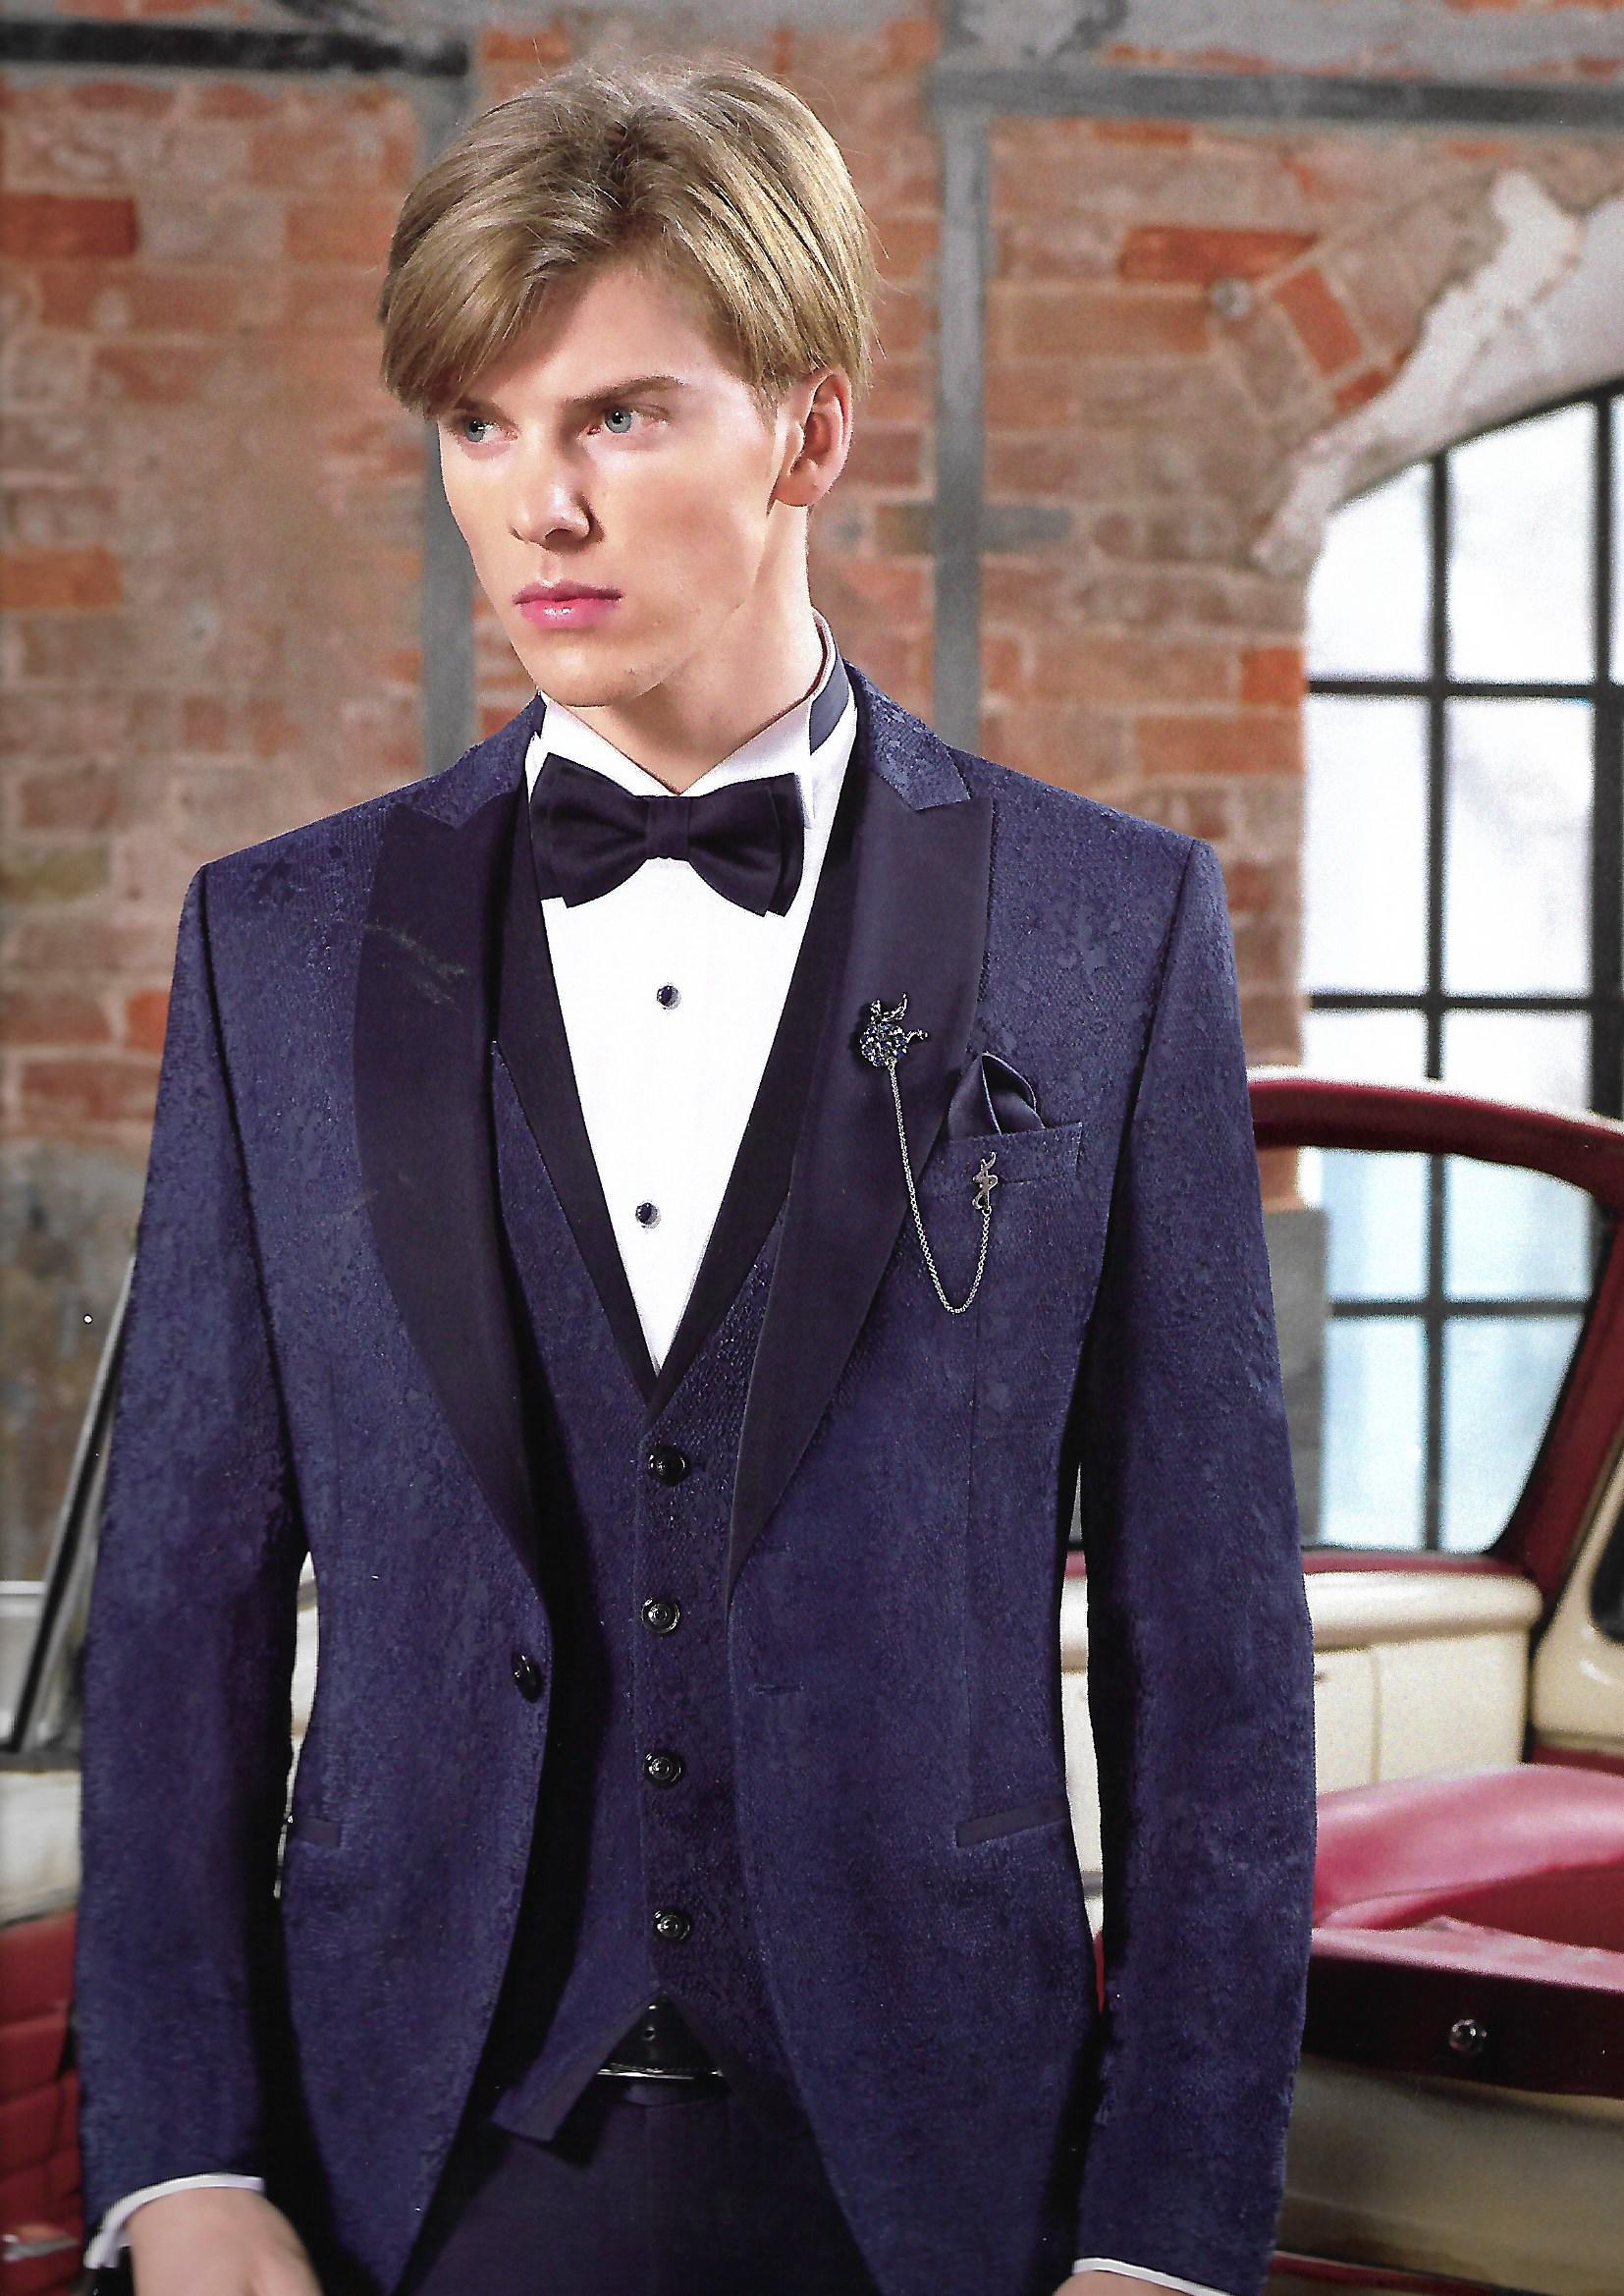 Blue lace suit